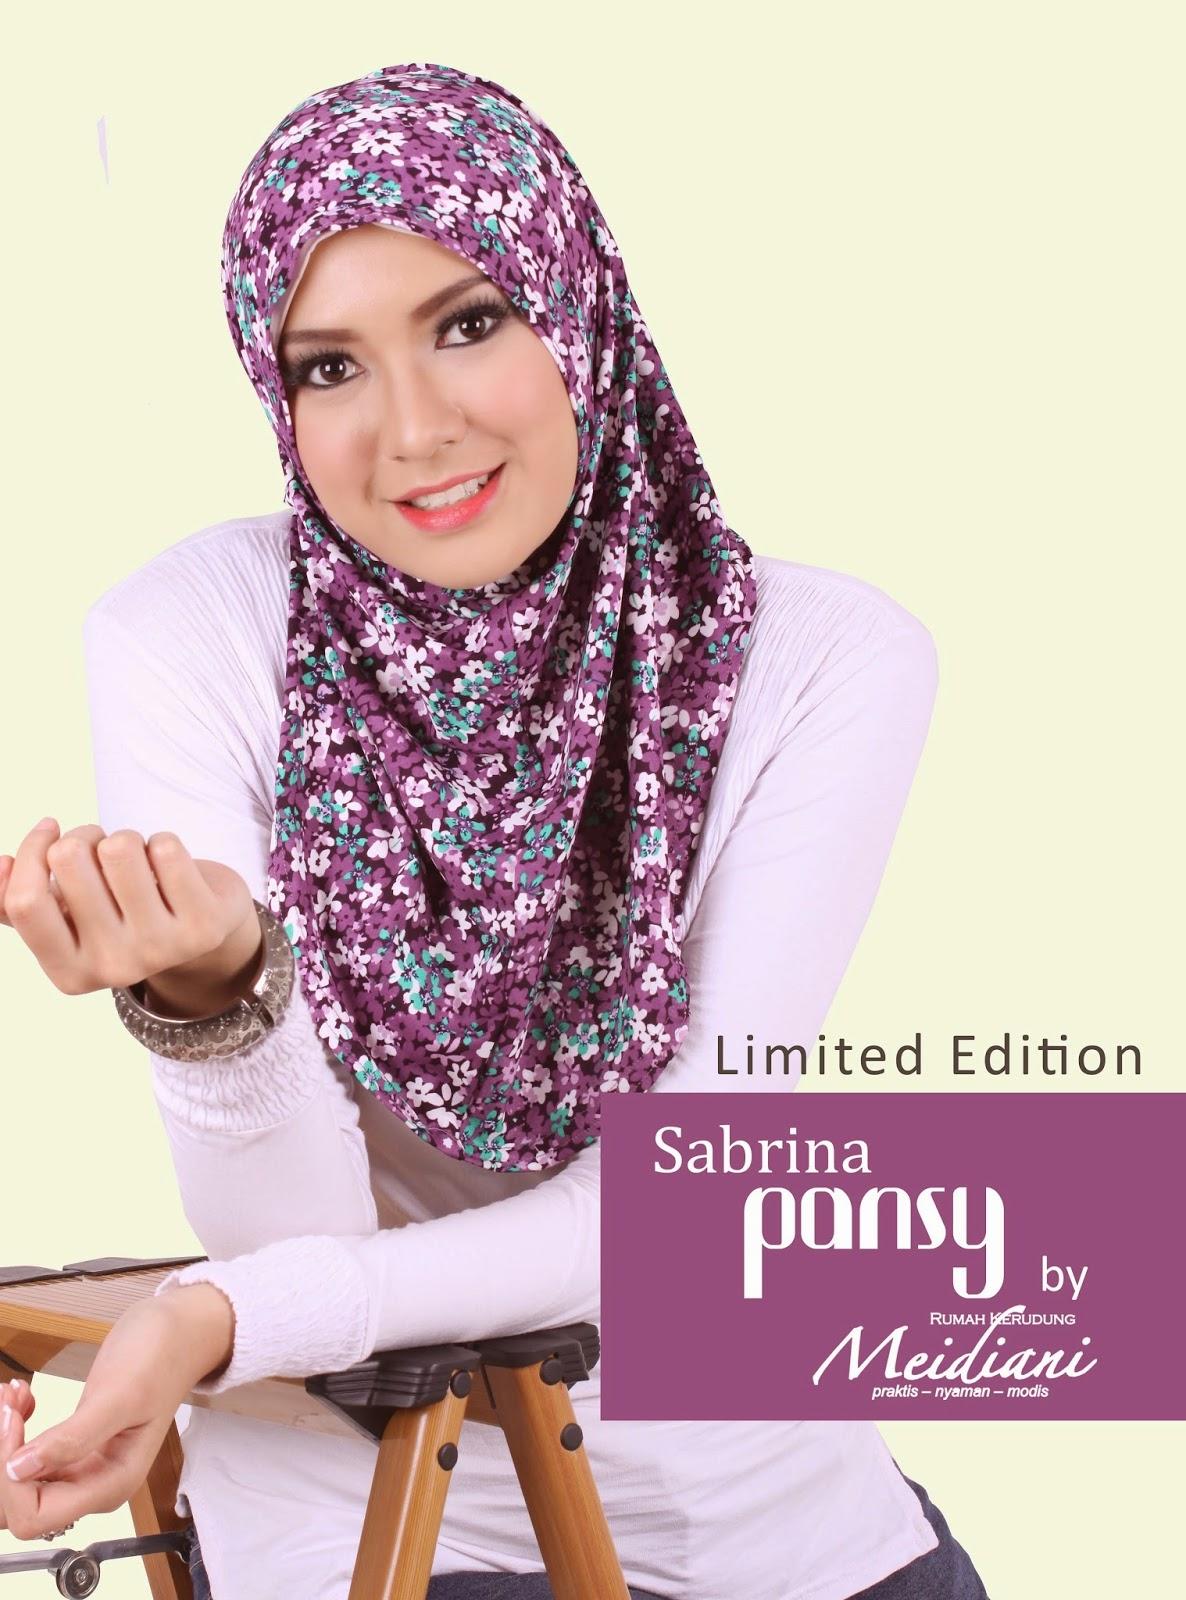 Sabrina Pansy